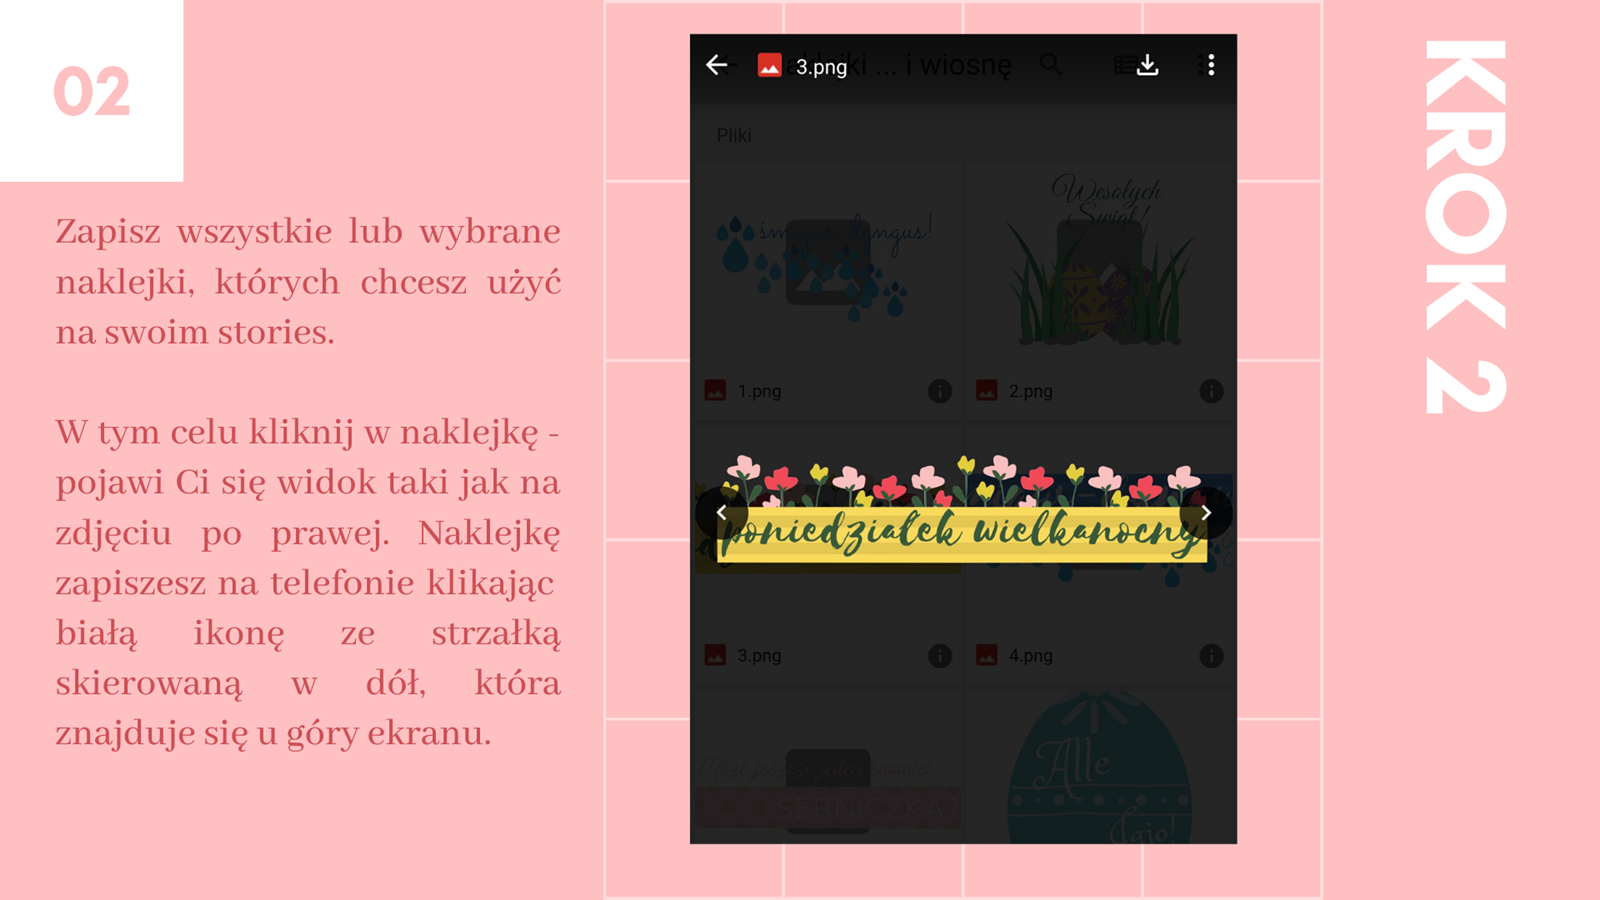 3 darmowe naklejki na instastories kwiaty wielkanoc jak zrobić swoją naklejkę na stories instagram jak wstawiać naklejki na instastory klawiatura swiftkey instrukcja krok po kroku